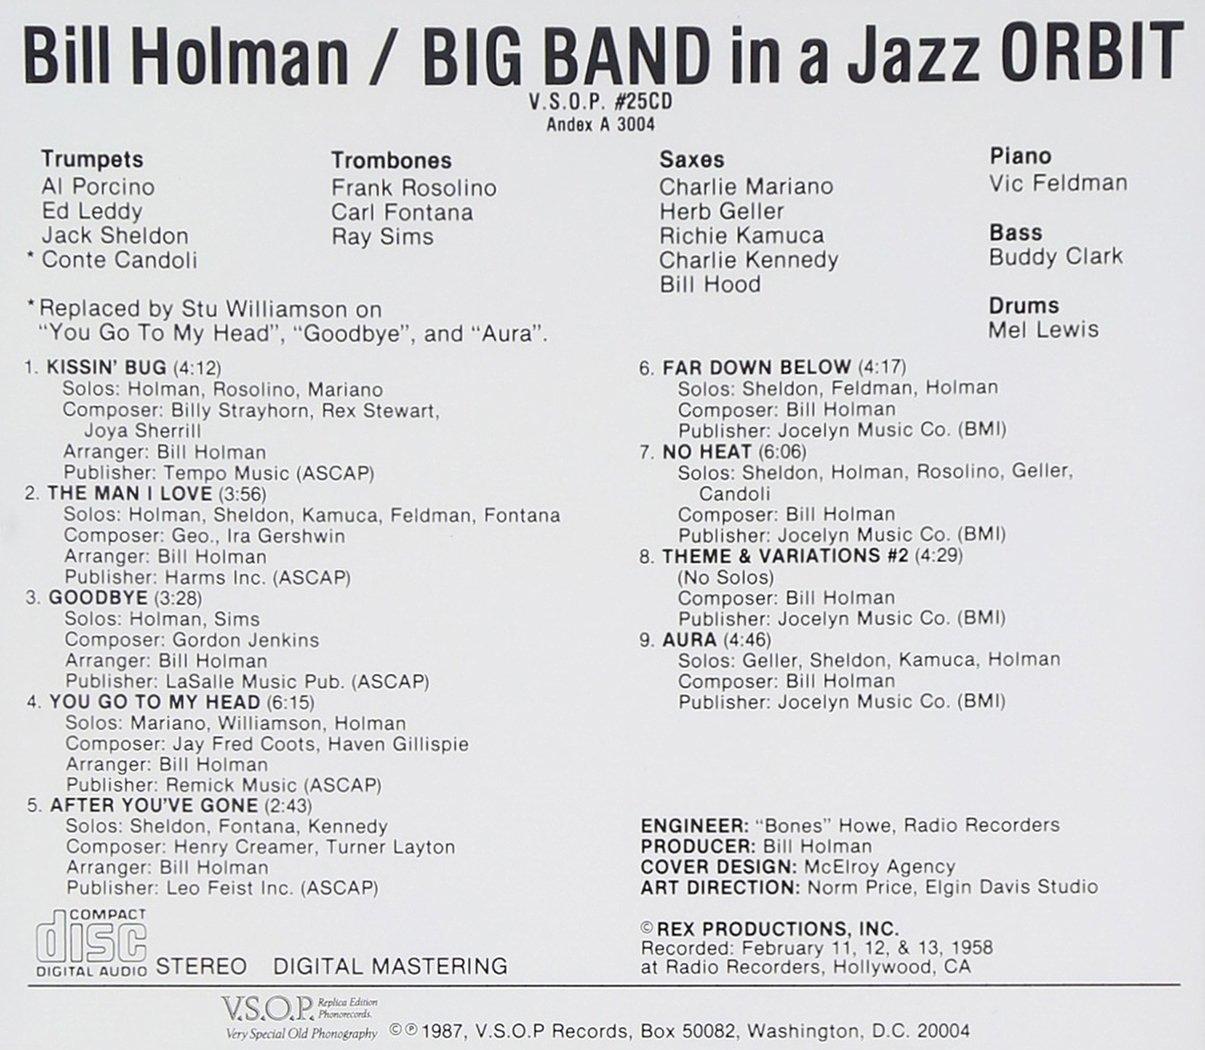 bill holman in a jazz orbit com music